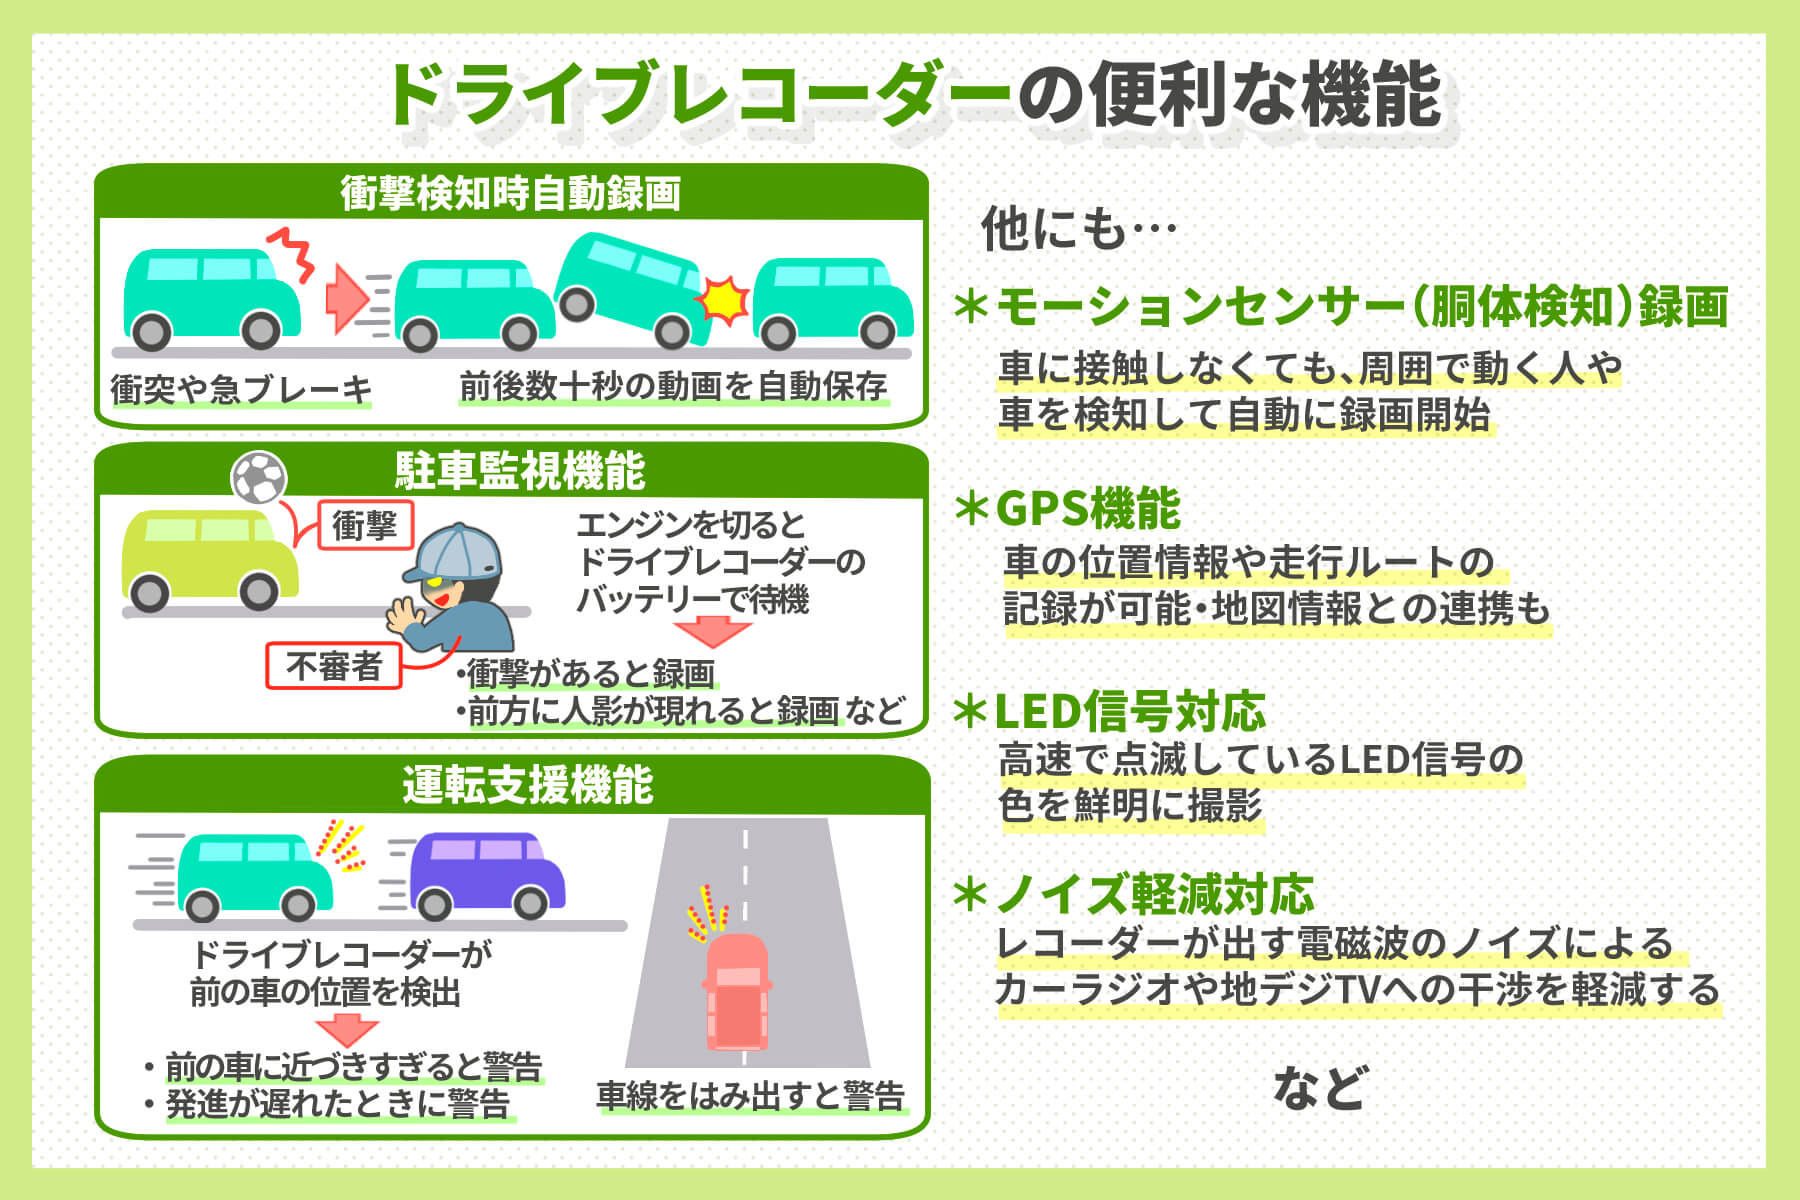 ドライブレコーダーを機能面で選ぶ場合